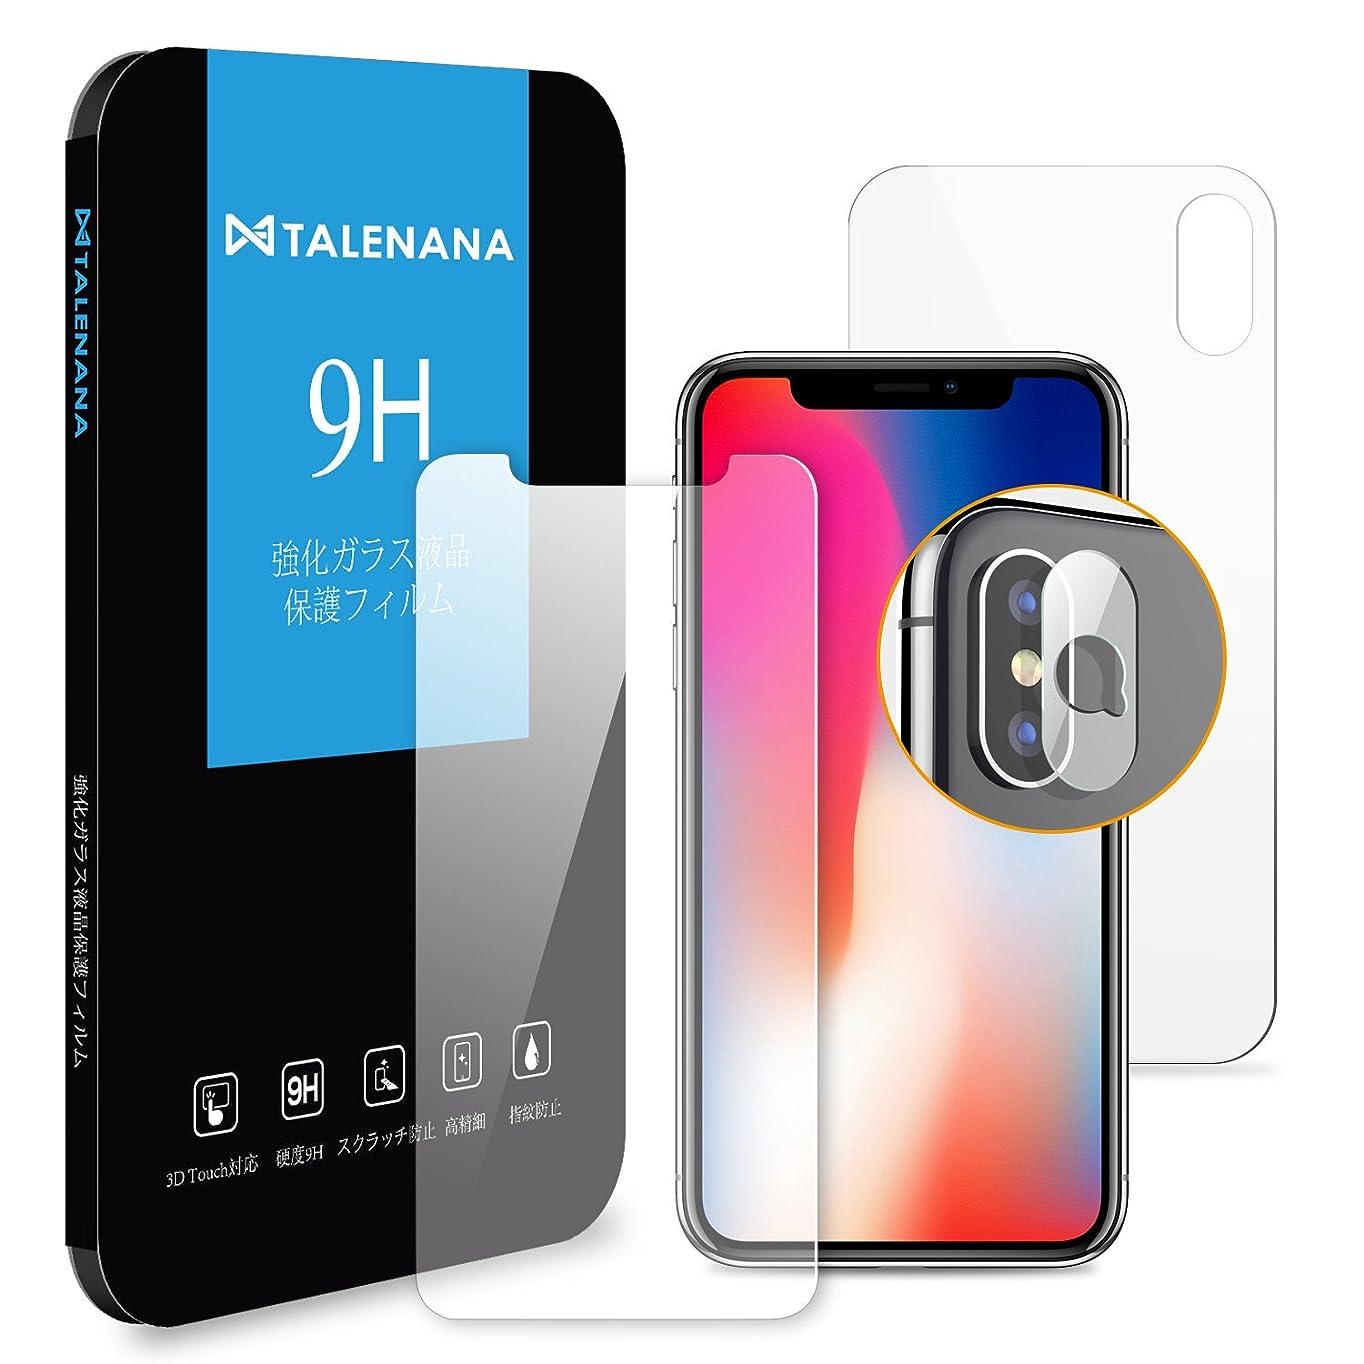 繁栄するただやる真剣にTALENANA iPhone XS/iPhone X 用ガラス保護フィルム 表面+背面+カメラレンズ3枚セット【日本製板ガラス】3D Touch対応/硬度9H/高透過率/指紋防止 2.5D